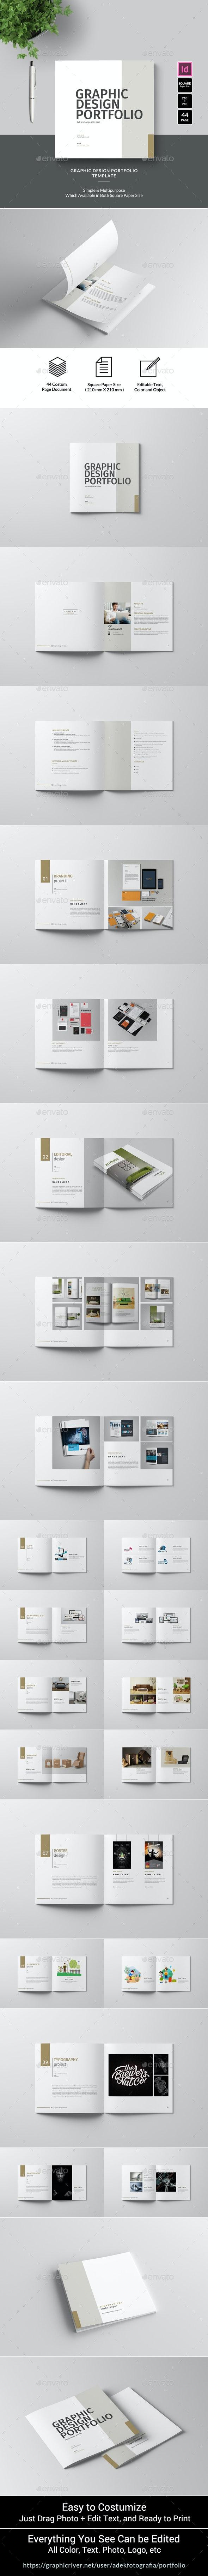 Graphic Design Portfolio Template - Portfolio Brochures